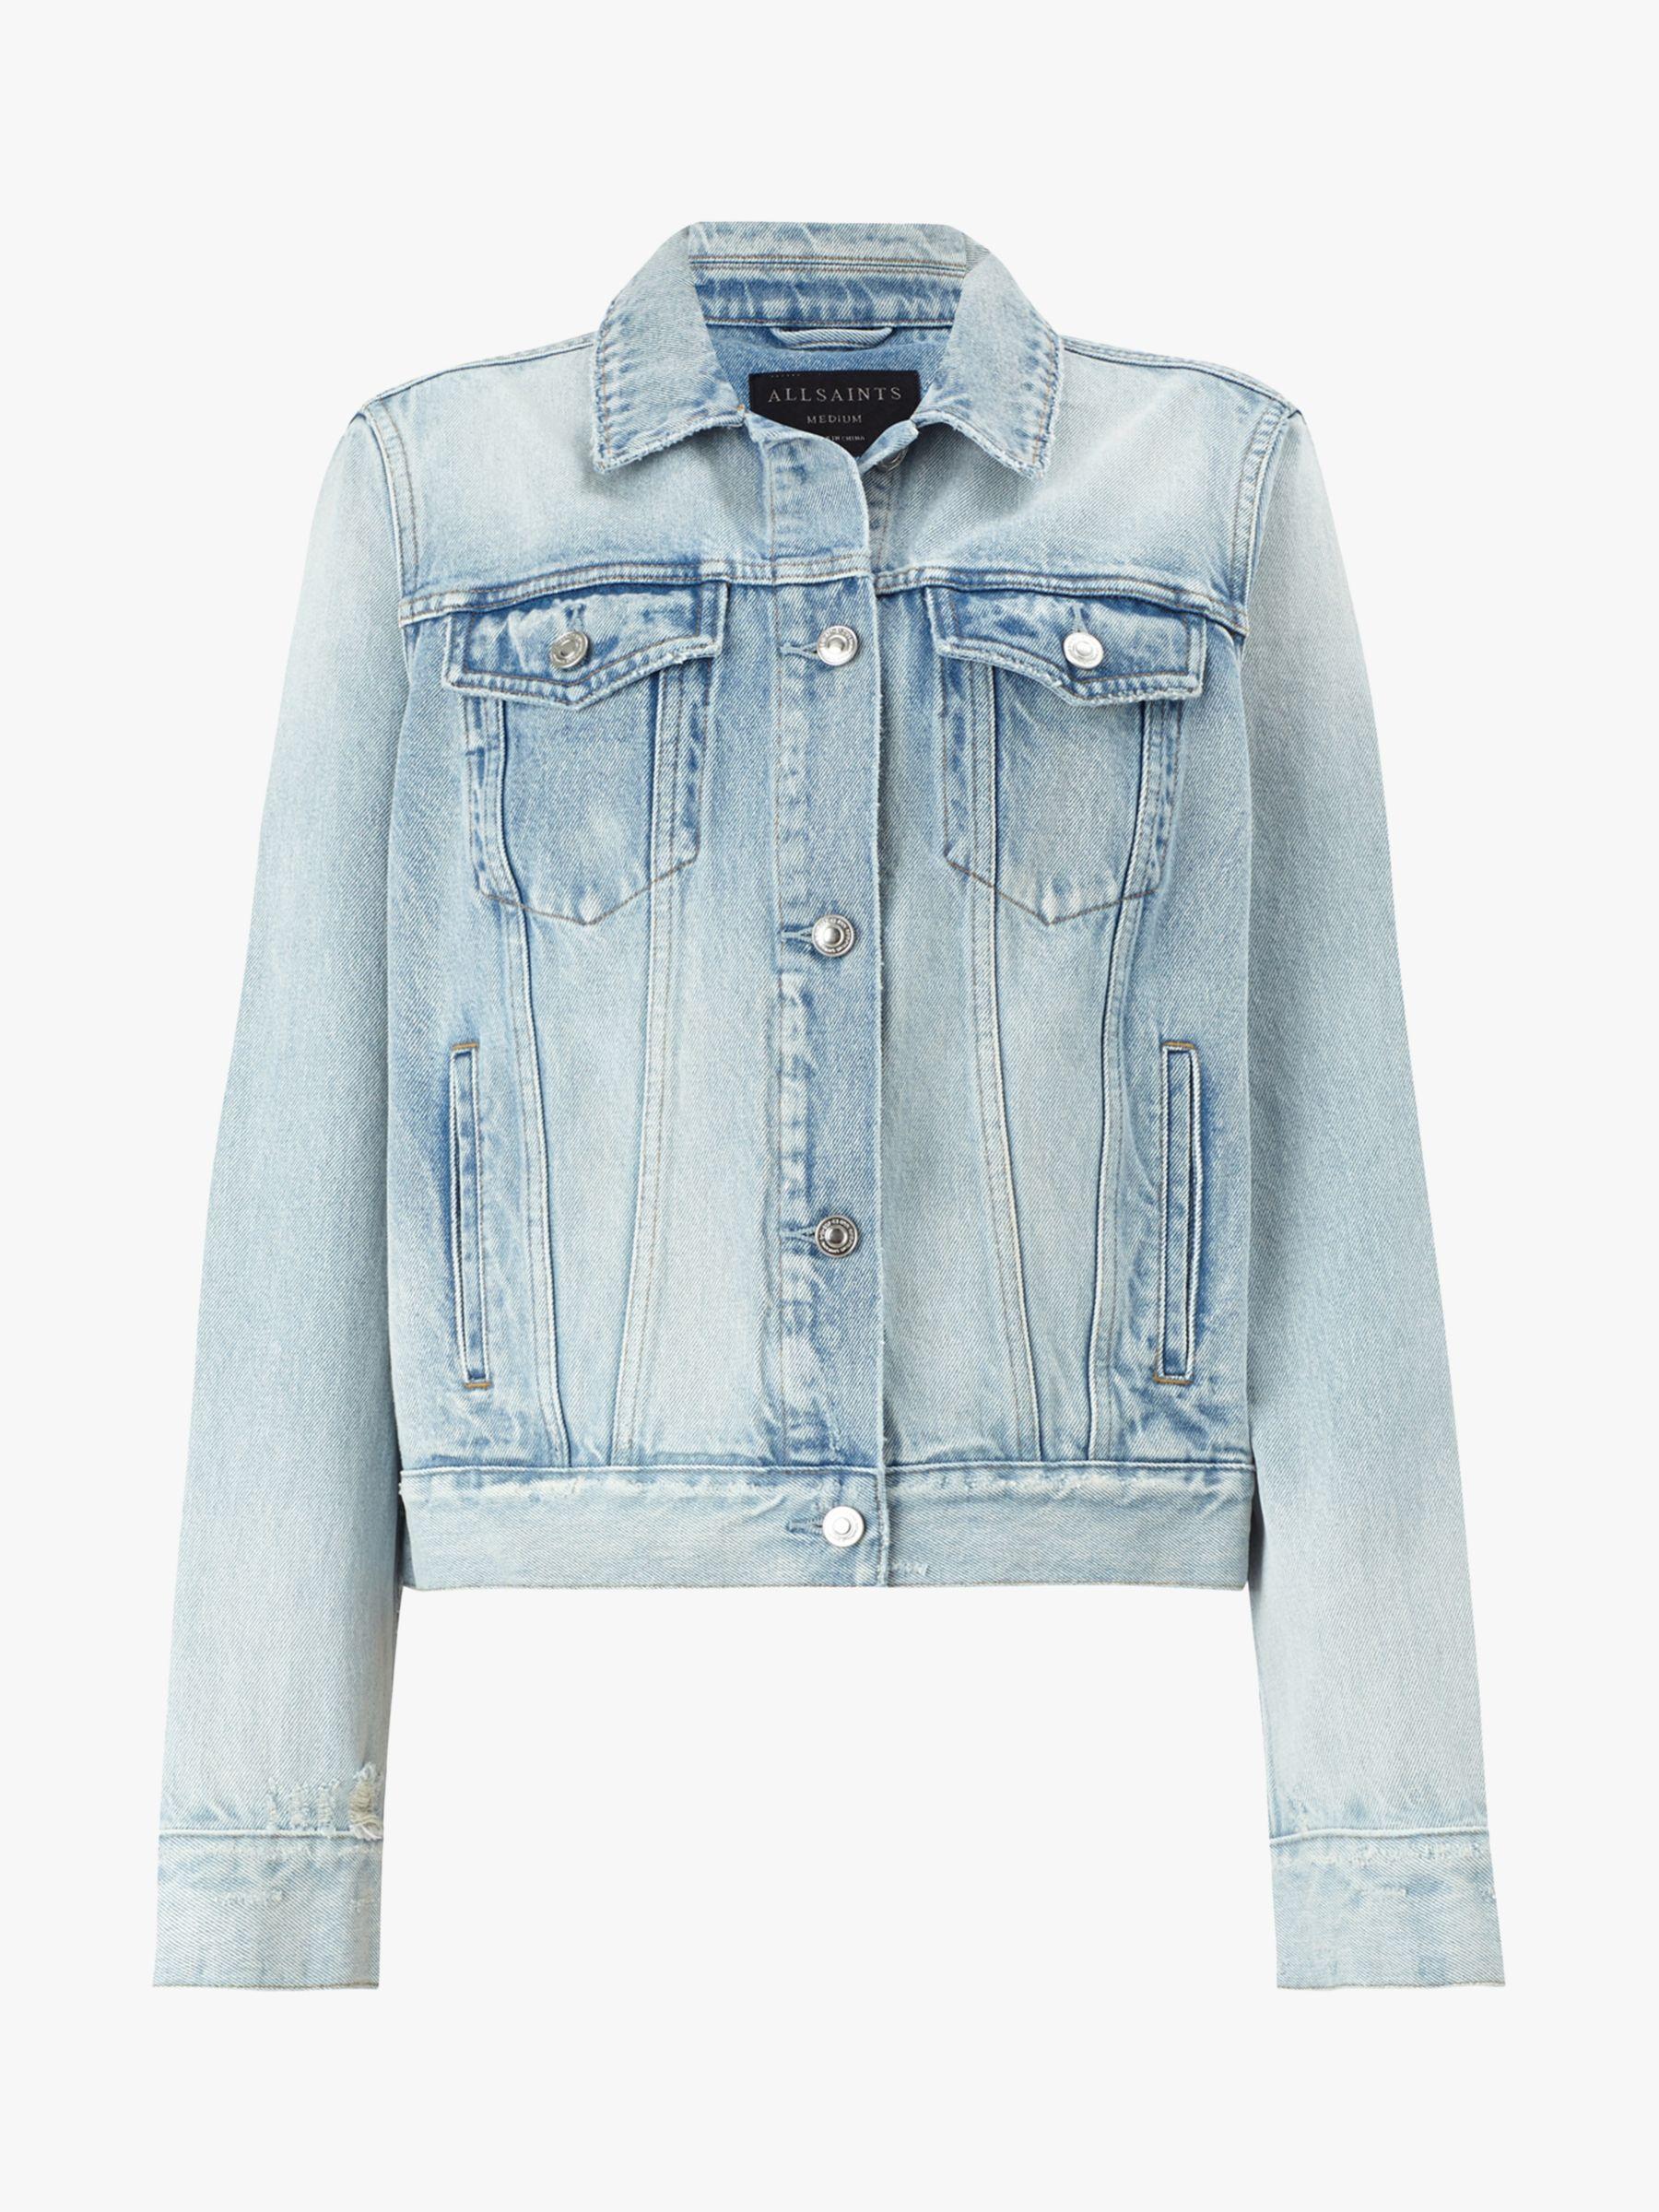 AllSaints Sheyla Denim Jacket, Indigo Blue | Denim, Jackets